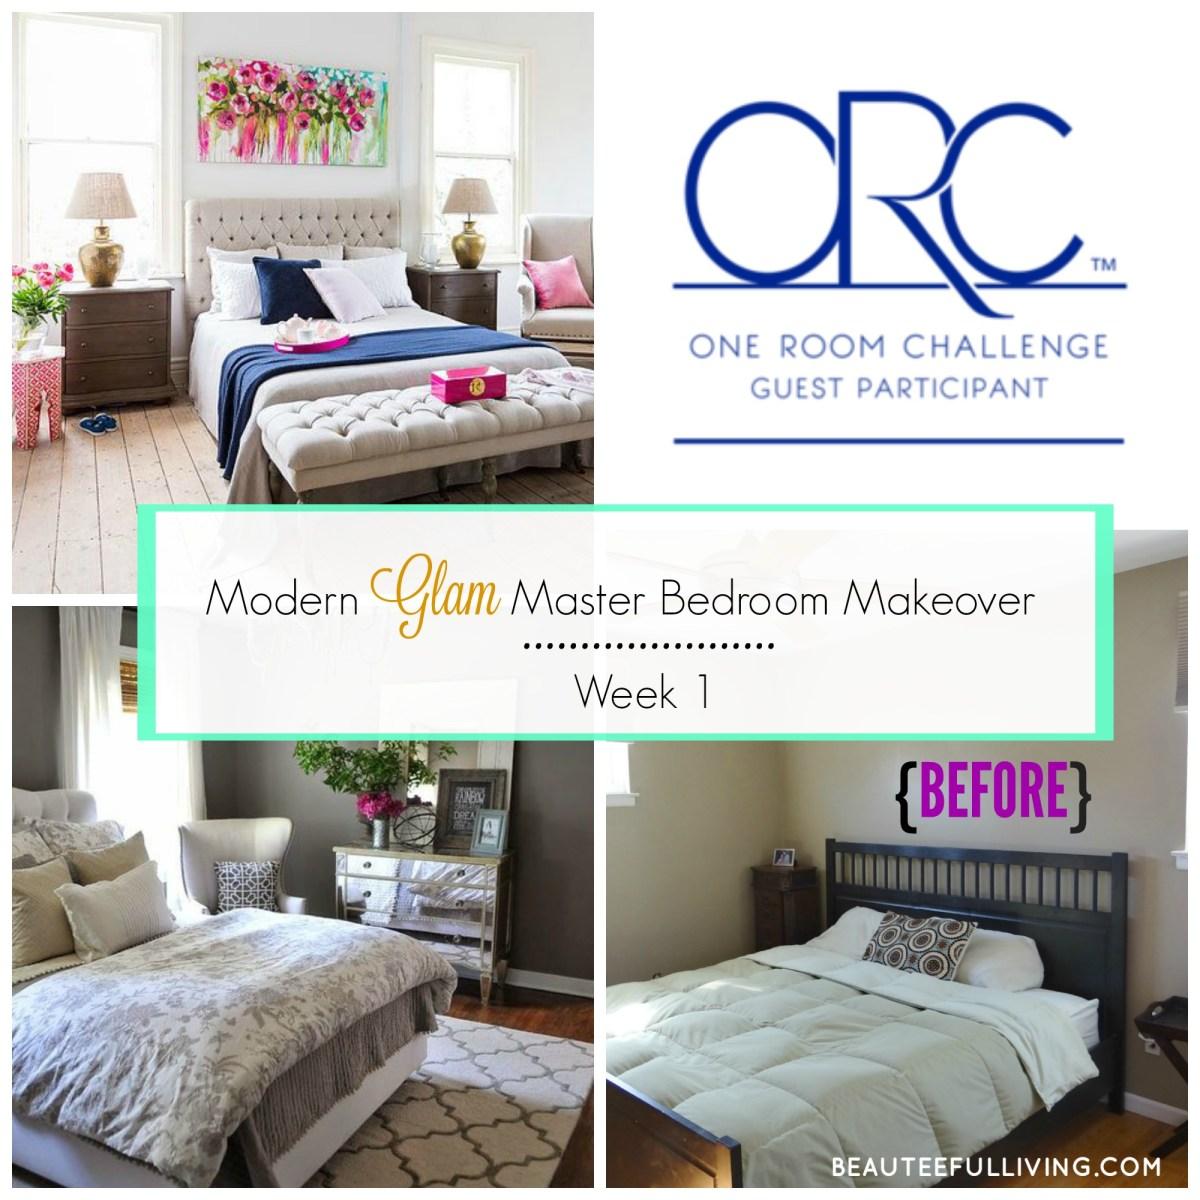 Modern Glam Master Bedroom Makeover - ORC Week 1